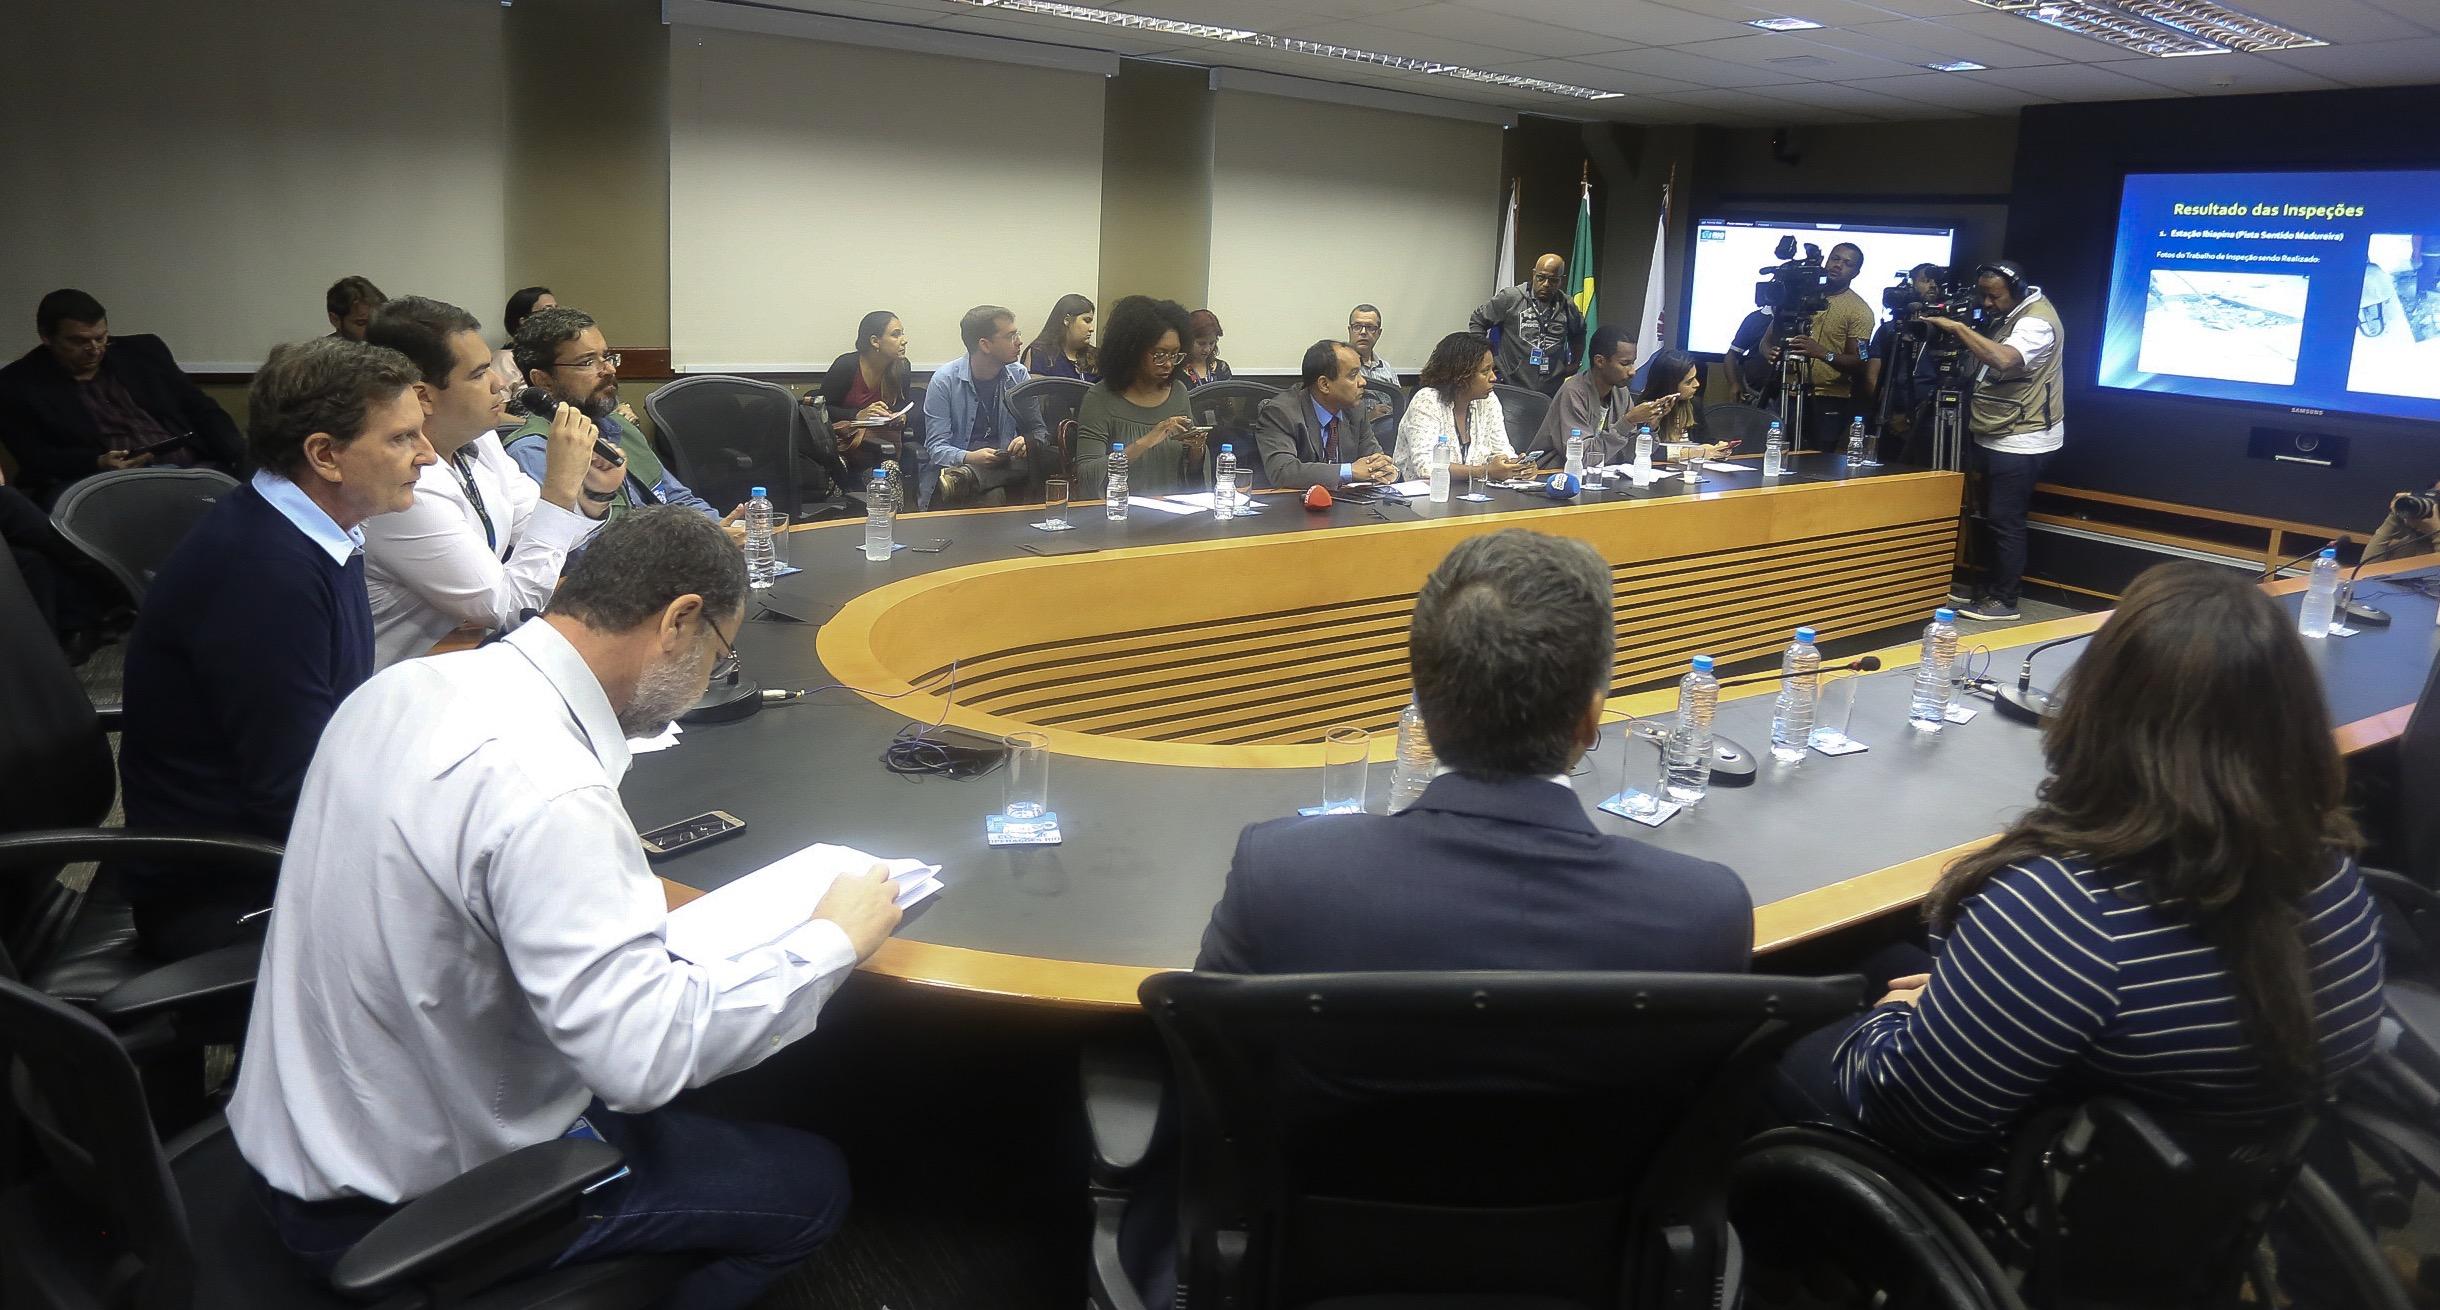 Prefeitura investiga suspeita de irregularidades nas obras do BRT Transcarioca que podem ter causado